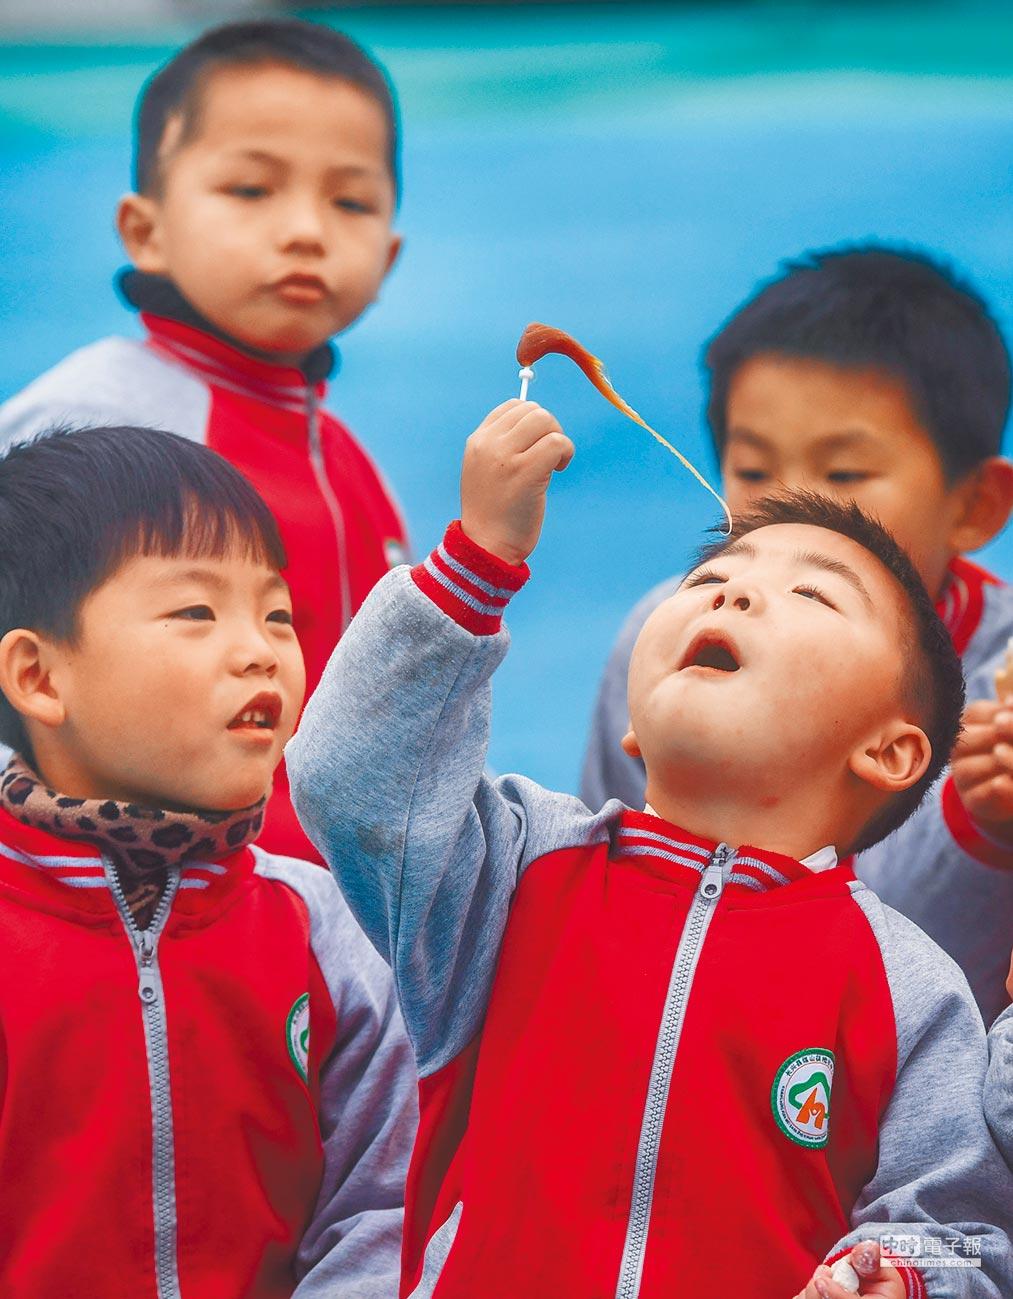 麥芽糖具有生津潤燥功效。圖為孩子們品嘗麥芽糖。(新華社)